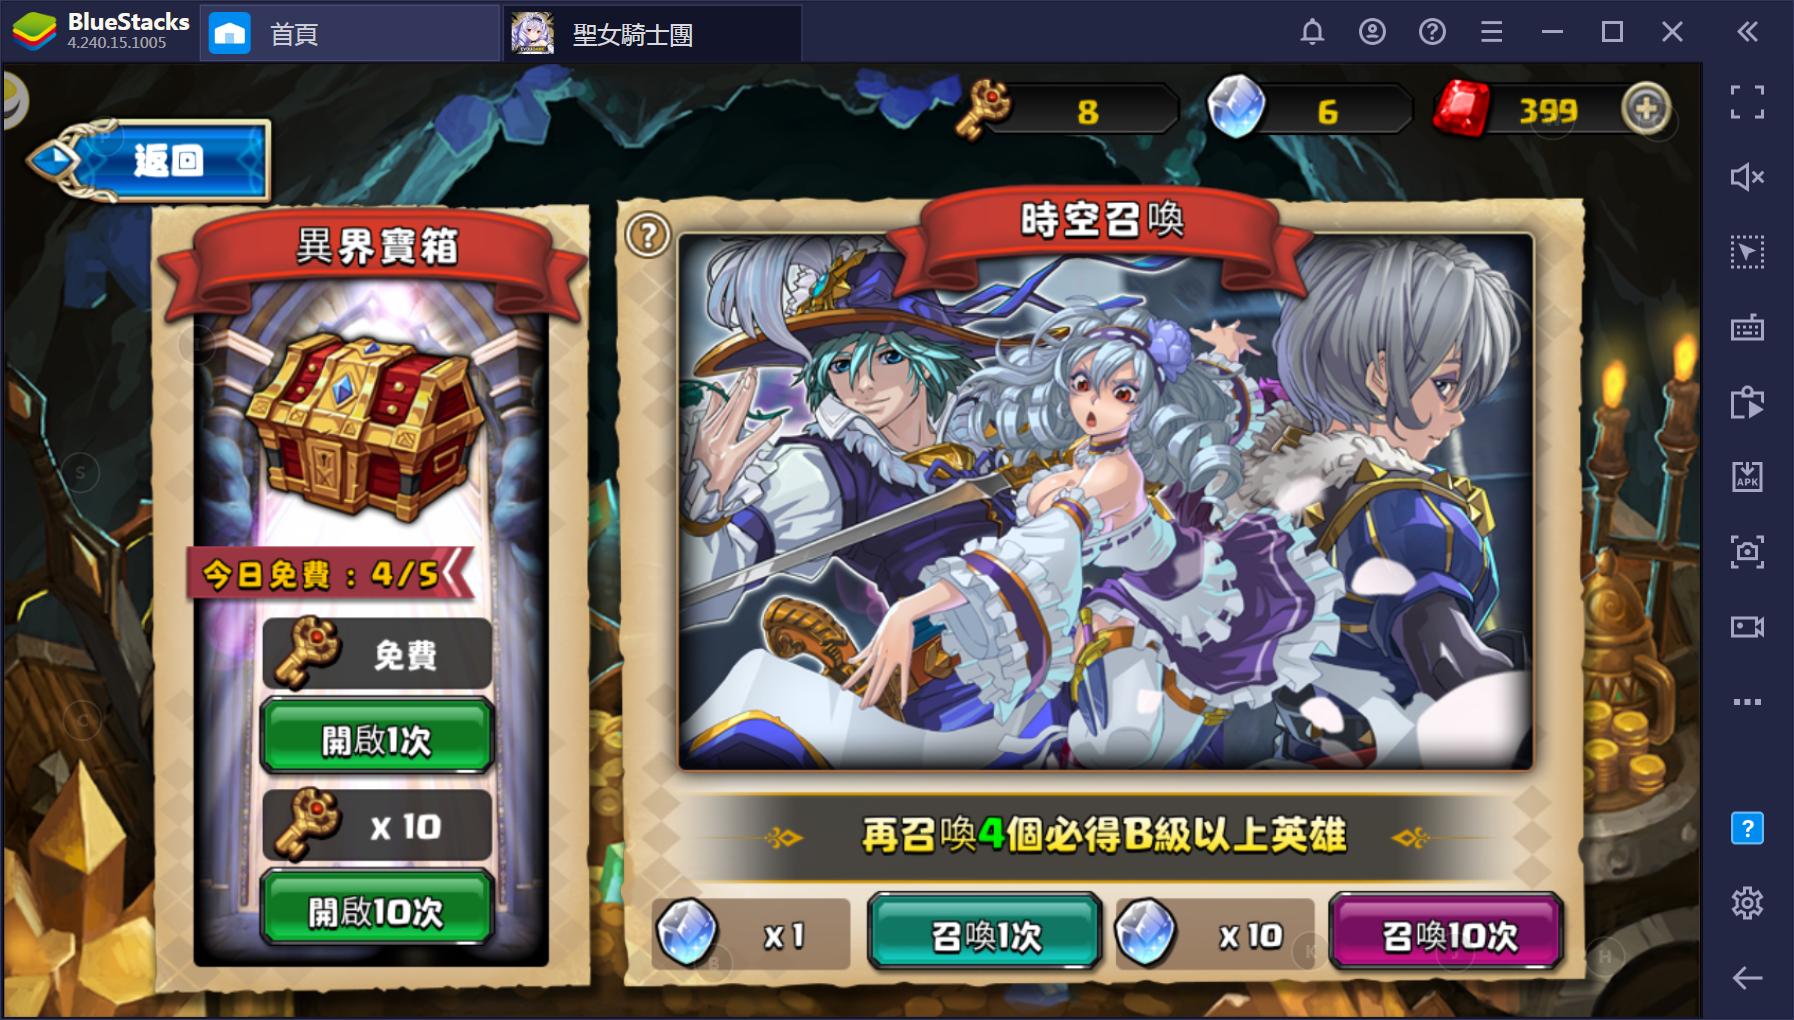 使用BlueStacks在PC上遊玩策略遊戲《聖女騎士團》